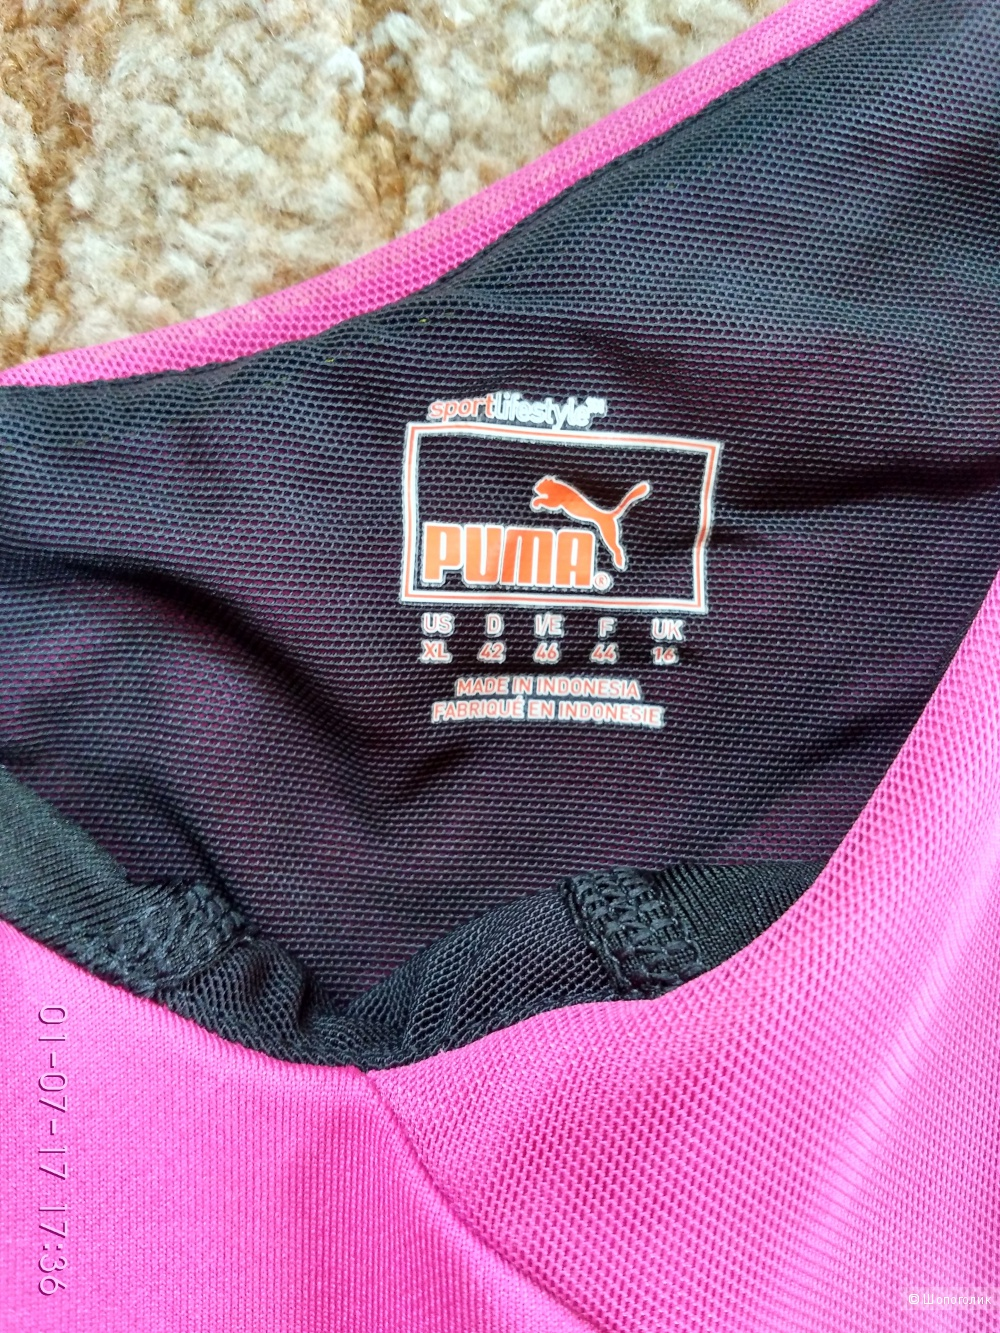 Спортивный топ Puma размер 48